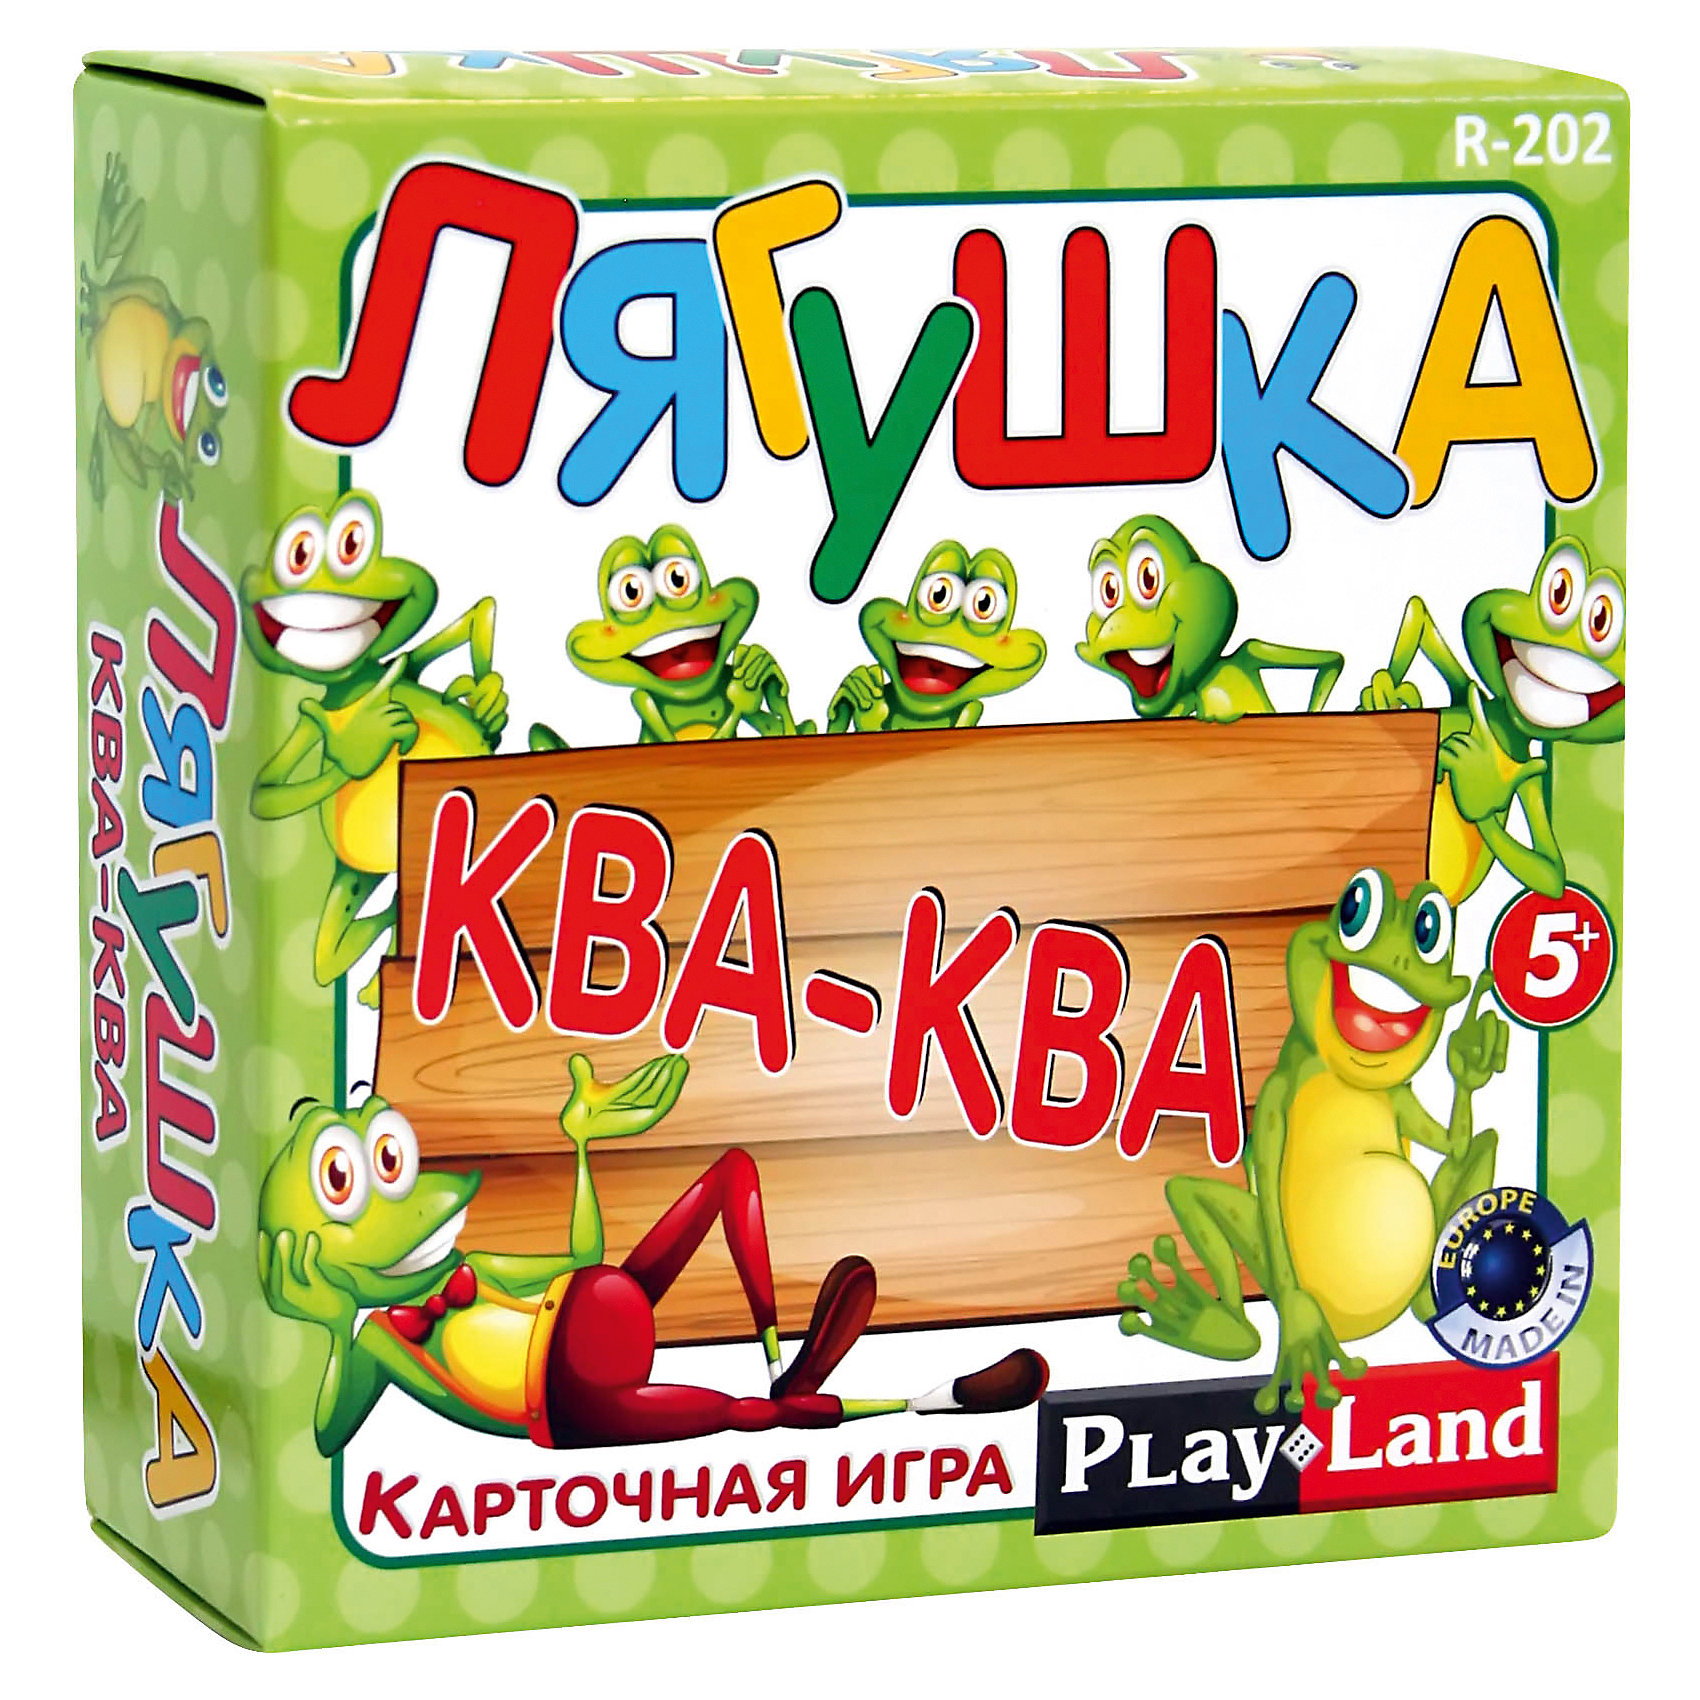 Настольная игра Лягушка Ква-ква, Play LandПособия для обучения счёту<br>Характеристики товара:<br><br>• в комплекте:: 56 карт;<br>• количество игроков: 2-4;<br>• время игры: 20-30 минут;<br>• материал: картон;<br>• возраст: от 5 лет;<br>• размер упаковки: 12х5х12 см;<br>• вес: 180 грамм;<br>• страна бренда: Болгария.<br><br>Настольная игра «Лягушка Ква-ква» научит ребенка считать до десяти, складывать и вычитать. В комплект входят 56 ярких карточек с изображением очаровательных лягушек.<br><br>В процессе игры ребенку нужно будет выбрать подходящую карту, использовать специальные карты и правильно подбирать слова.<br><br>Игра способствует развитию памяти, мышления и скорости реакции.<br><br>Настольную игру Лягушка Ква-ква, Play Land (Плей Лэнд) можно купить в нашем интернет-магазине.<br><br>Ширина мм: 120<br>Глубина мм: 50<br>Высота мм: 120<br>Вес г: 180<br>Возраст от месяцев: 60<br>Возраст до месяцев: 168<br>Пол: Унисекс<br>Возраст: Детский<br>SKU: 6893357